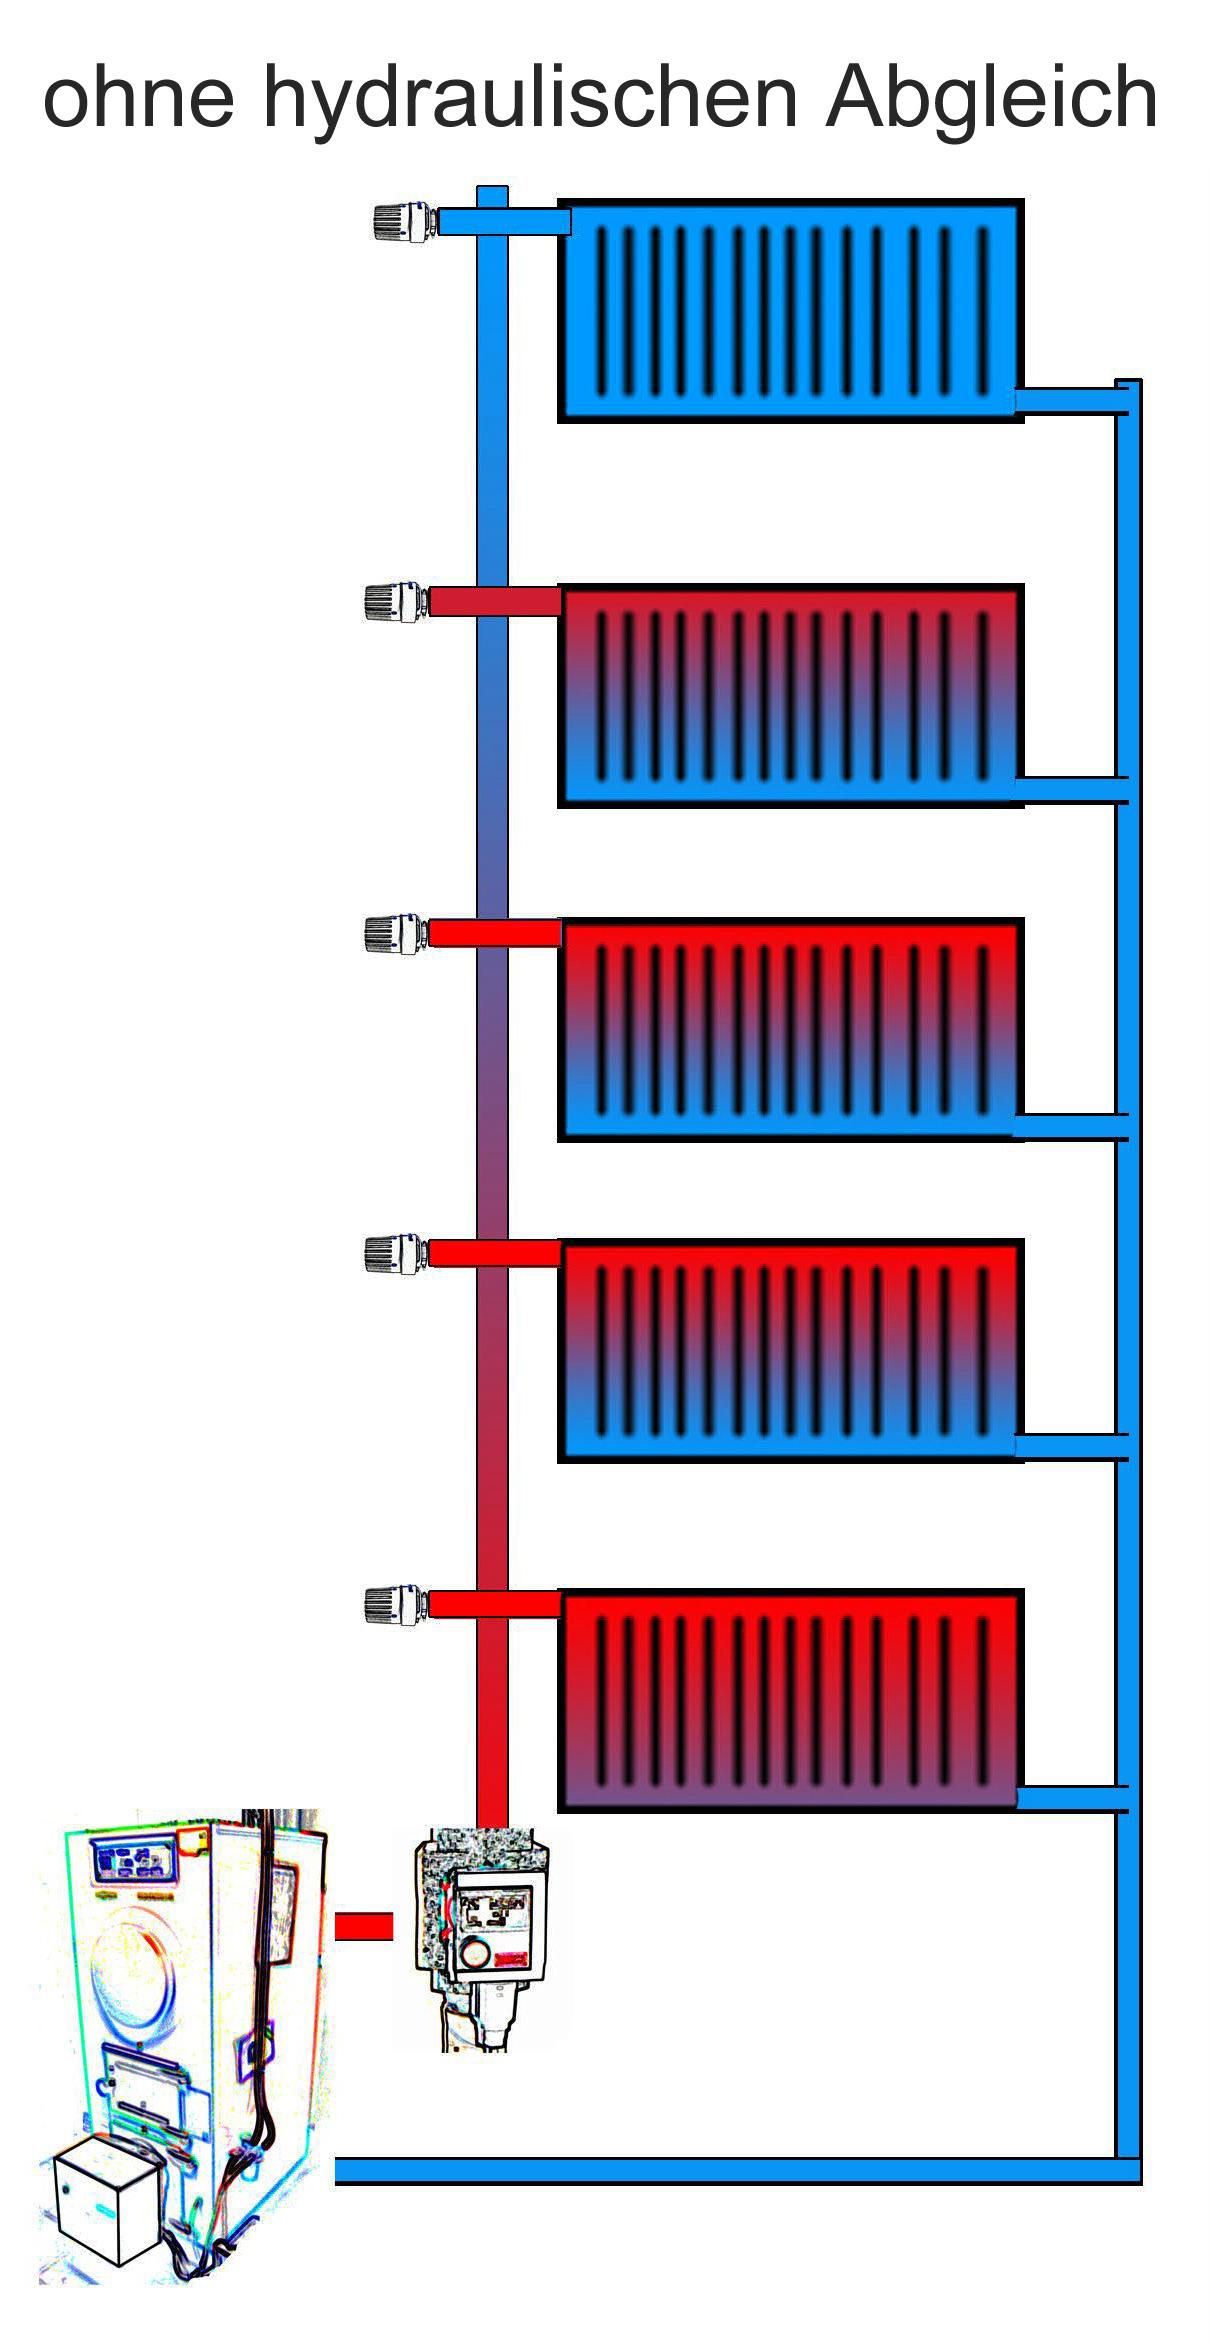 hydraulischer abgleich – wikipedia